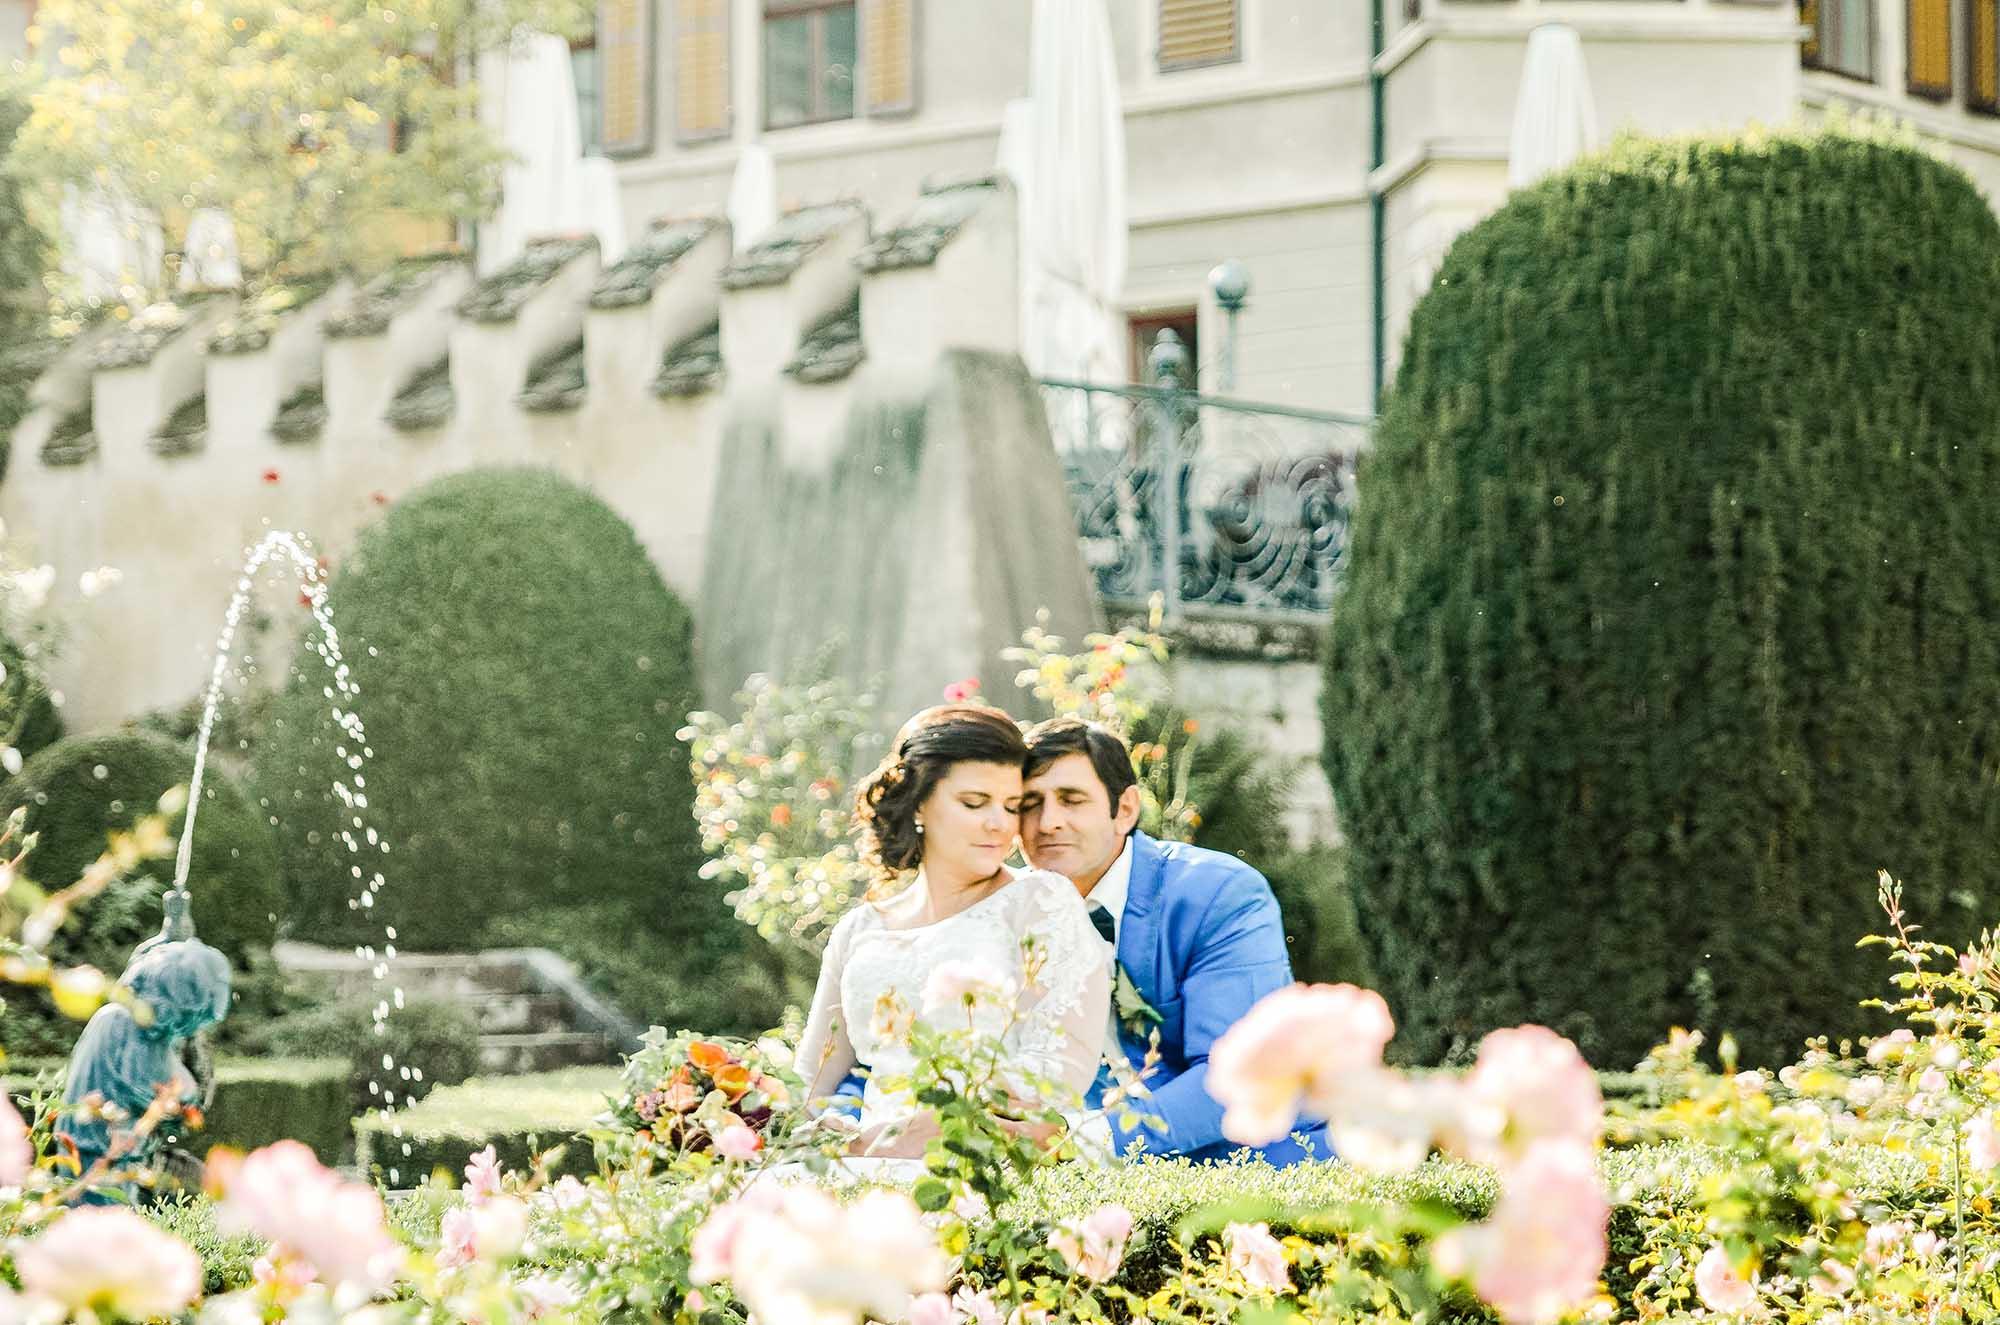 Hochzeitsfotografin Natanja Tiedemann